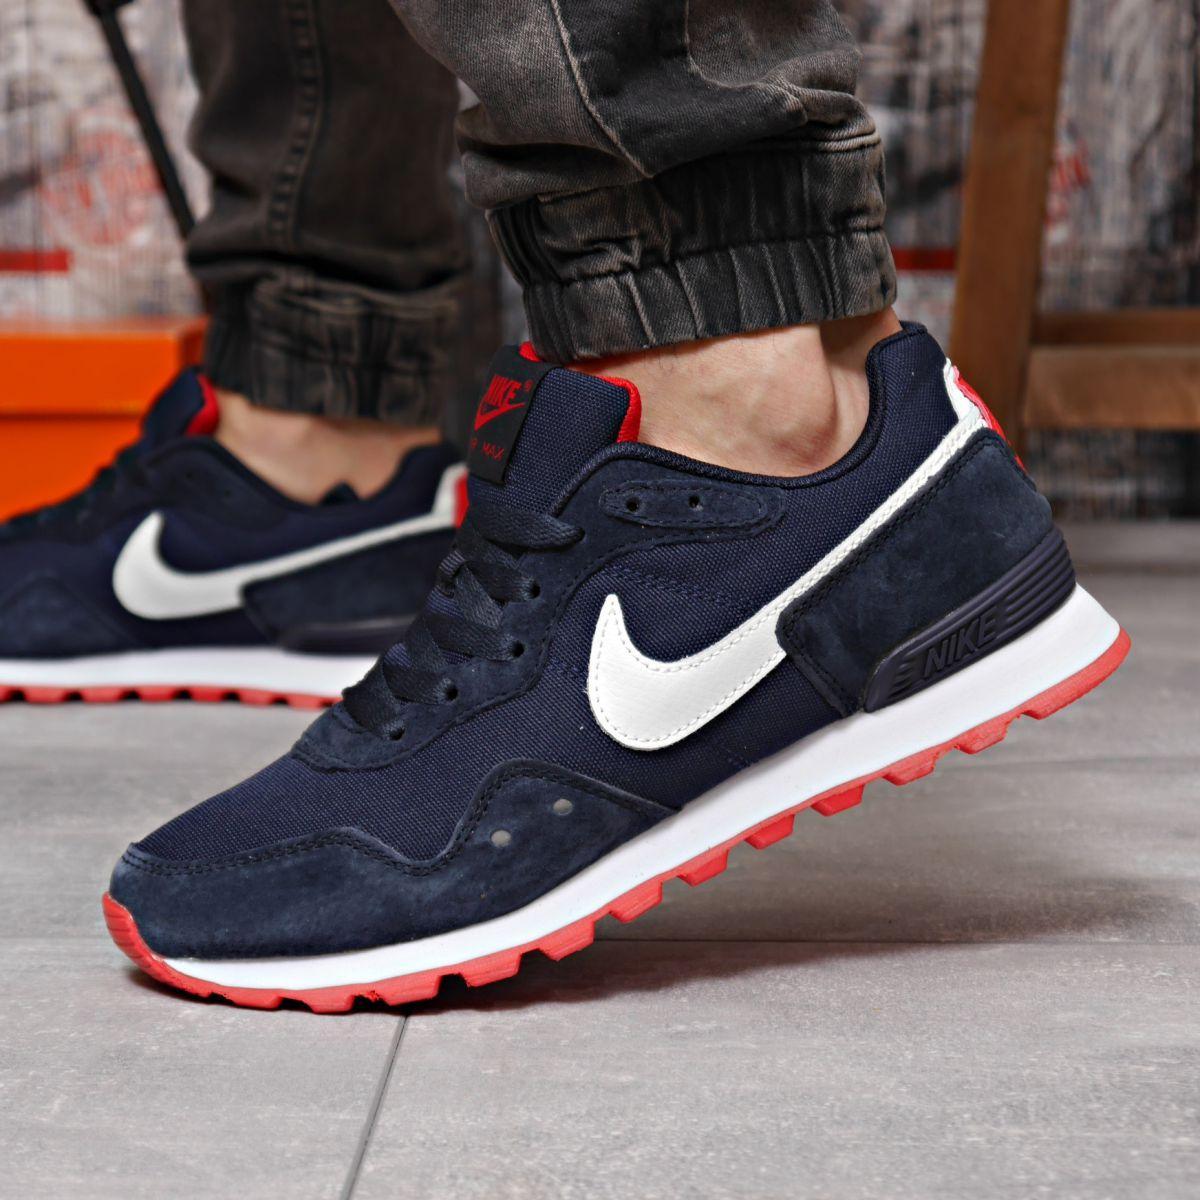 Кроссовки мужские 18272 ► Nike Venture Runner, темно-синие . [Размеры в наличии: 41,42,44]